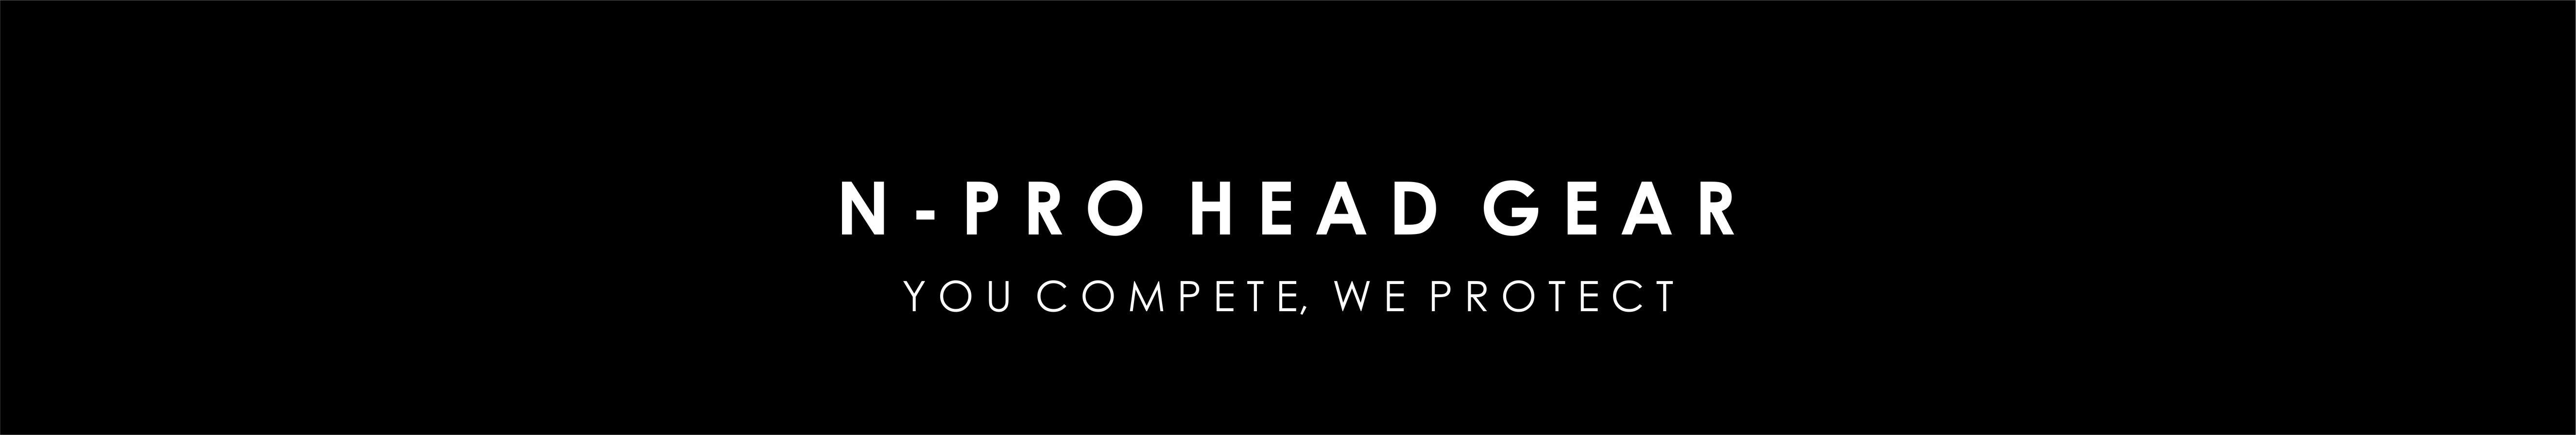 n-pro-head-gear-banner-front-page-kids.jpg